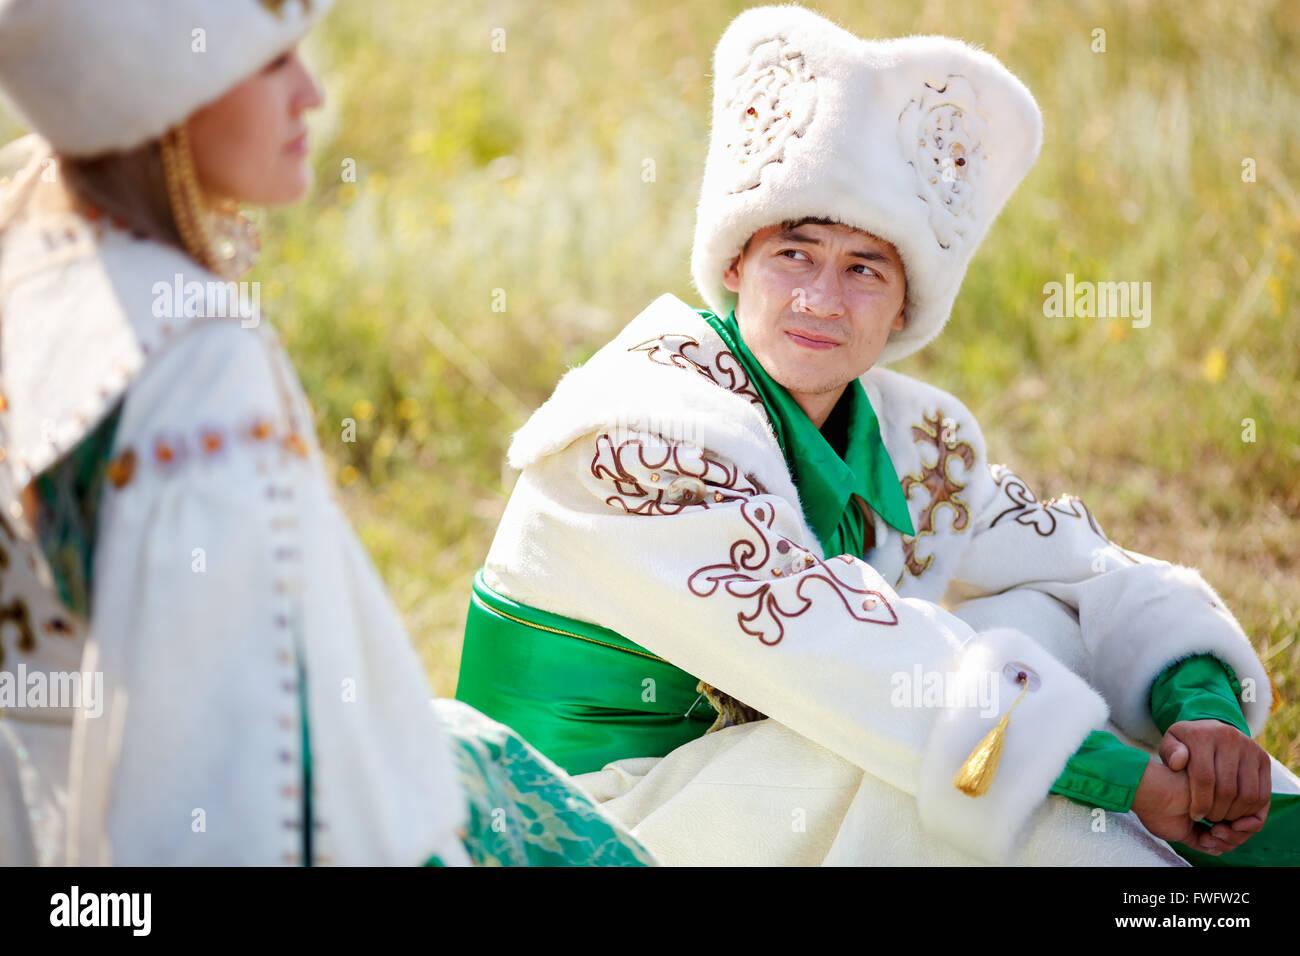 El hombre sobre el césped con ropas tradicionales mira a su mujer amada Imagen De Stock